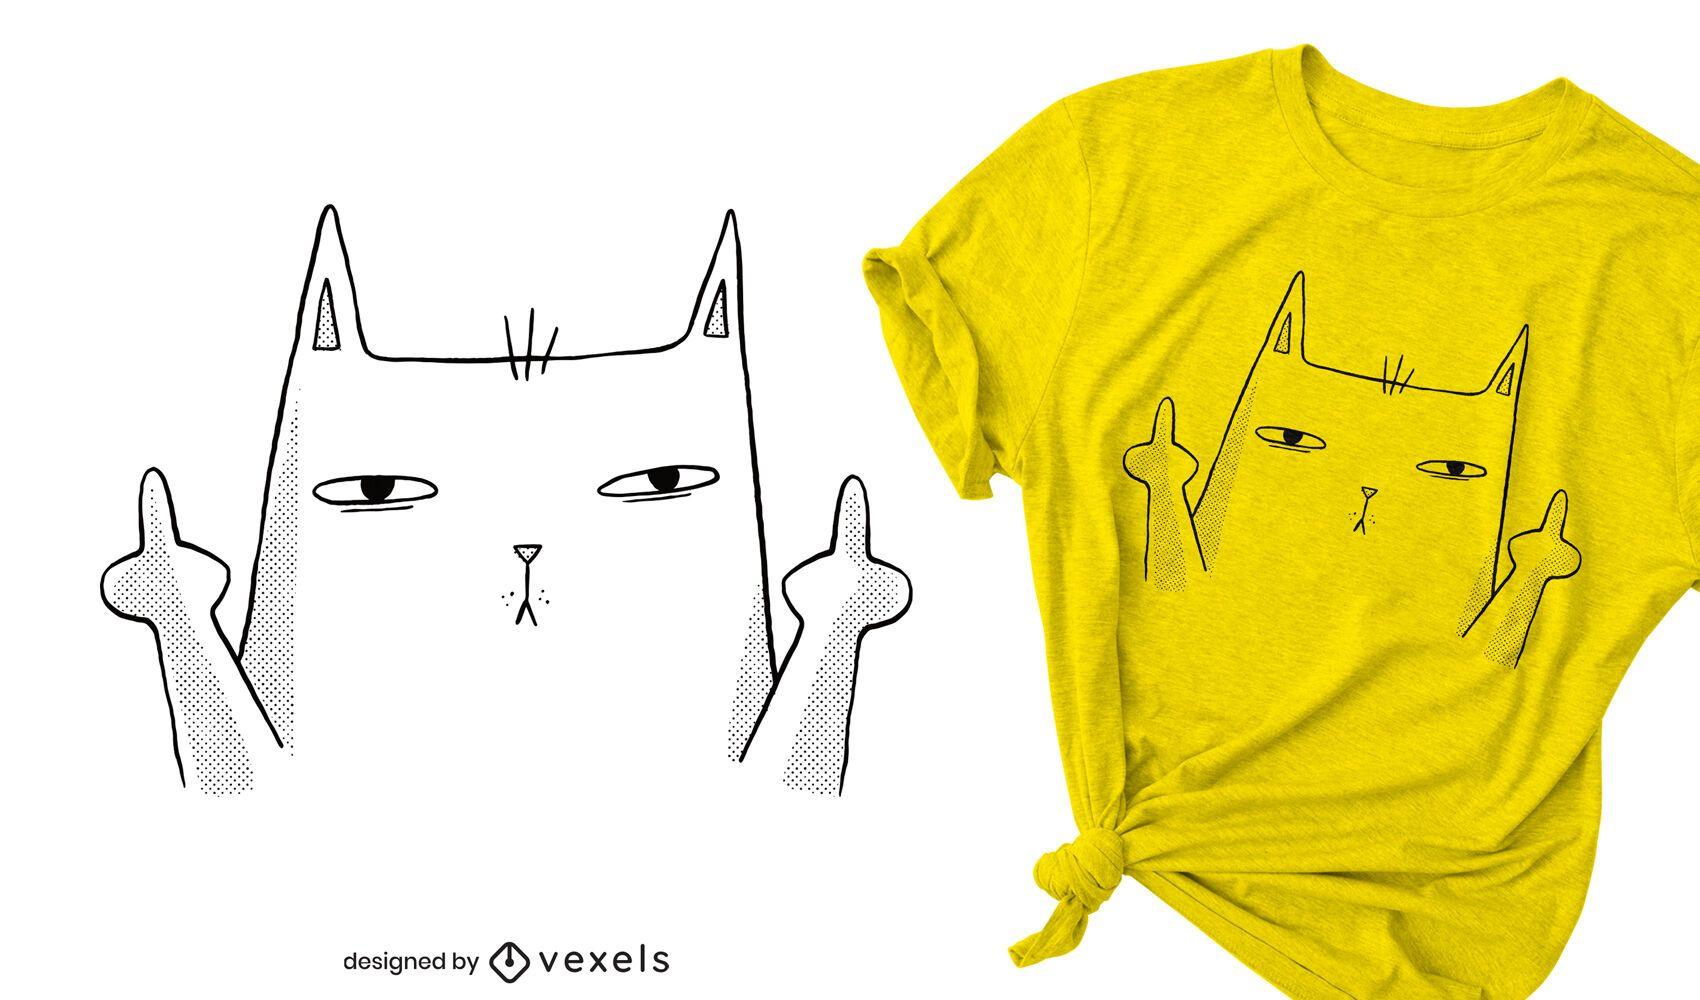 Middle finger cat t-shirt design